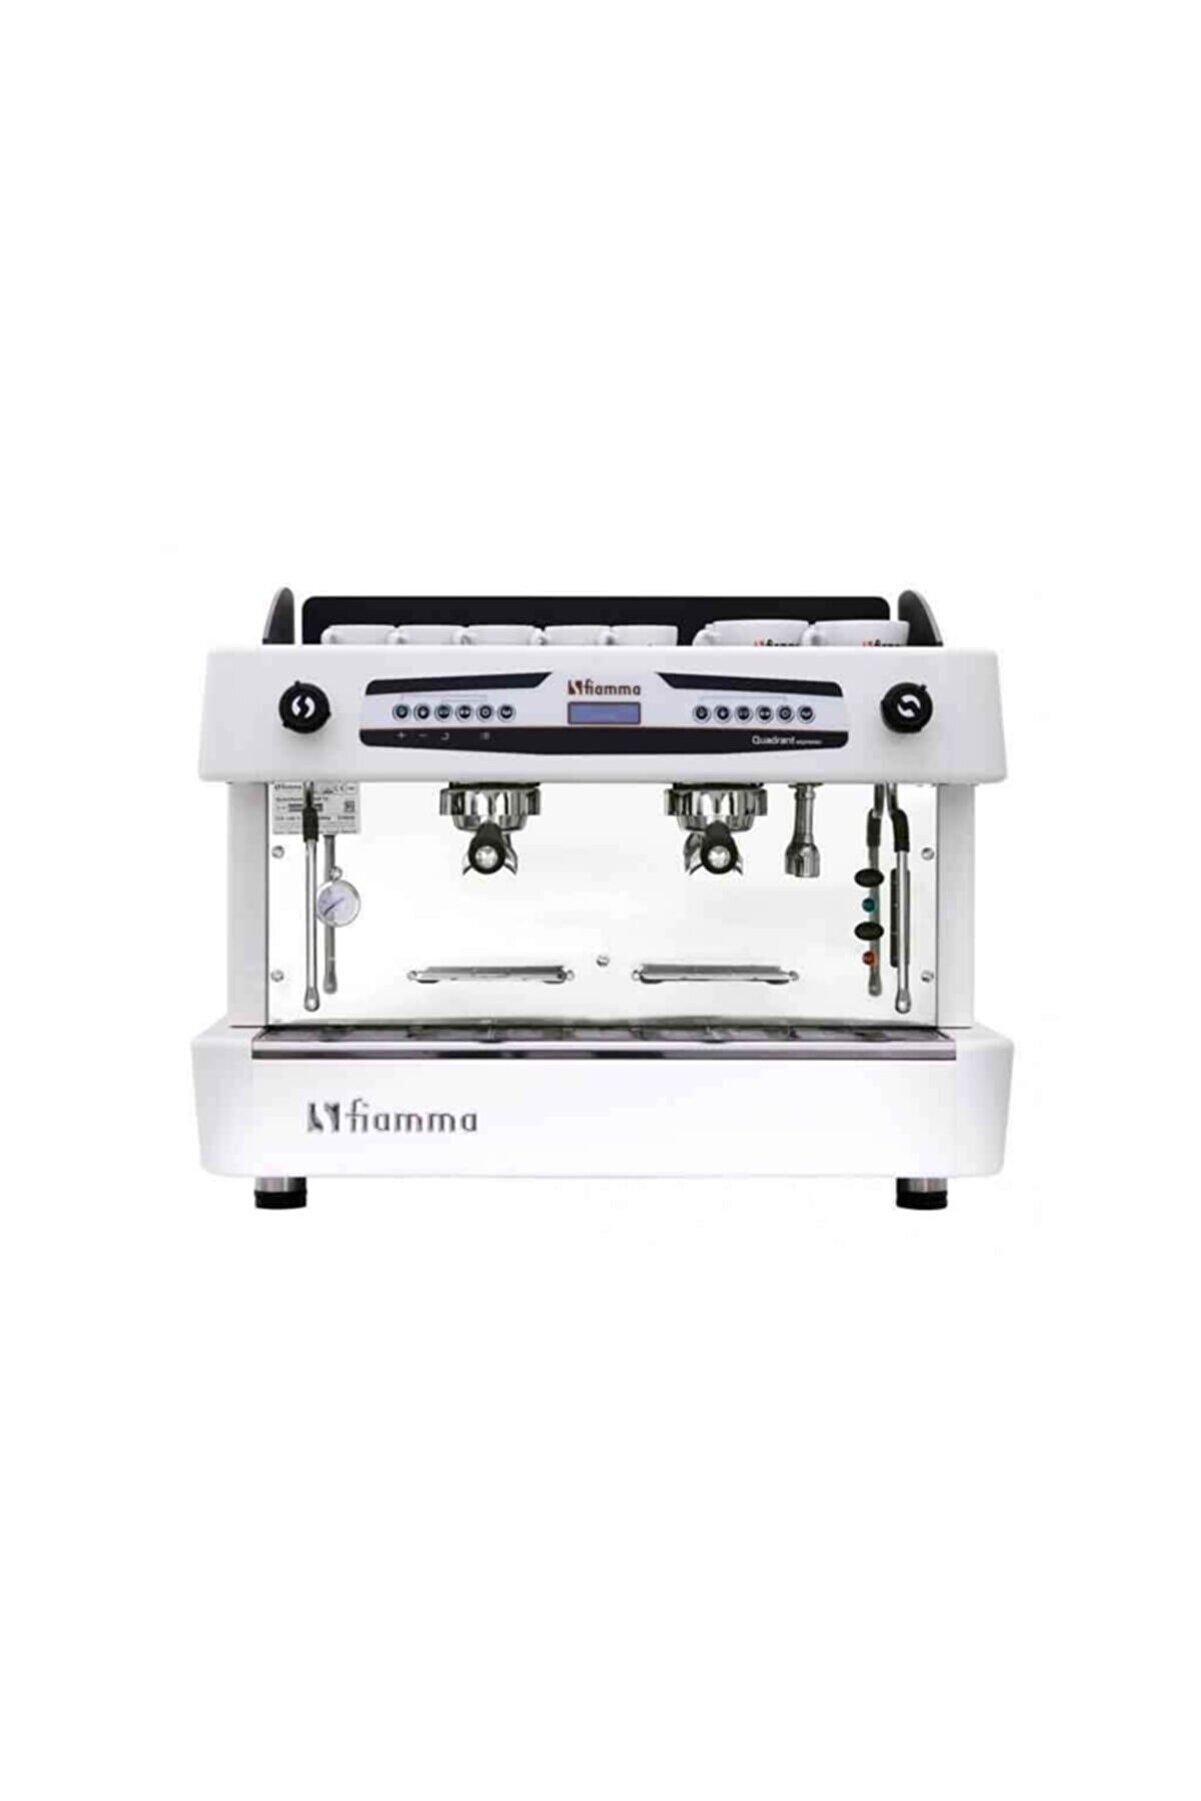 DIGERUI Fiamma 2 Dsp Tc Quadrant Espresso Kahve Makinesi - Tam Otomatik - 2 Gruplu - Dijital